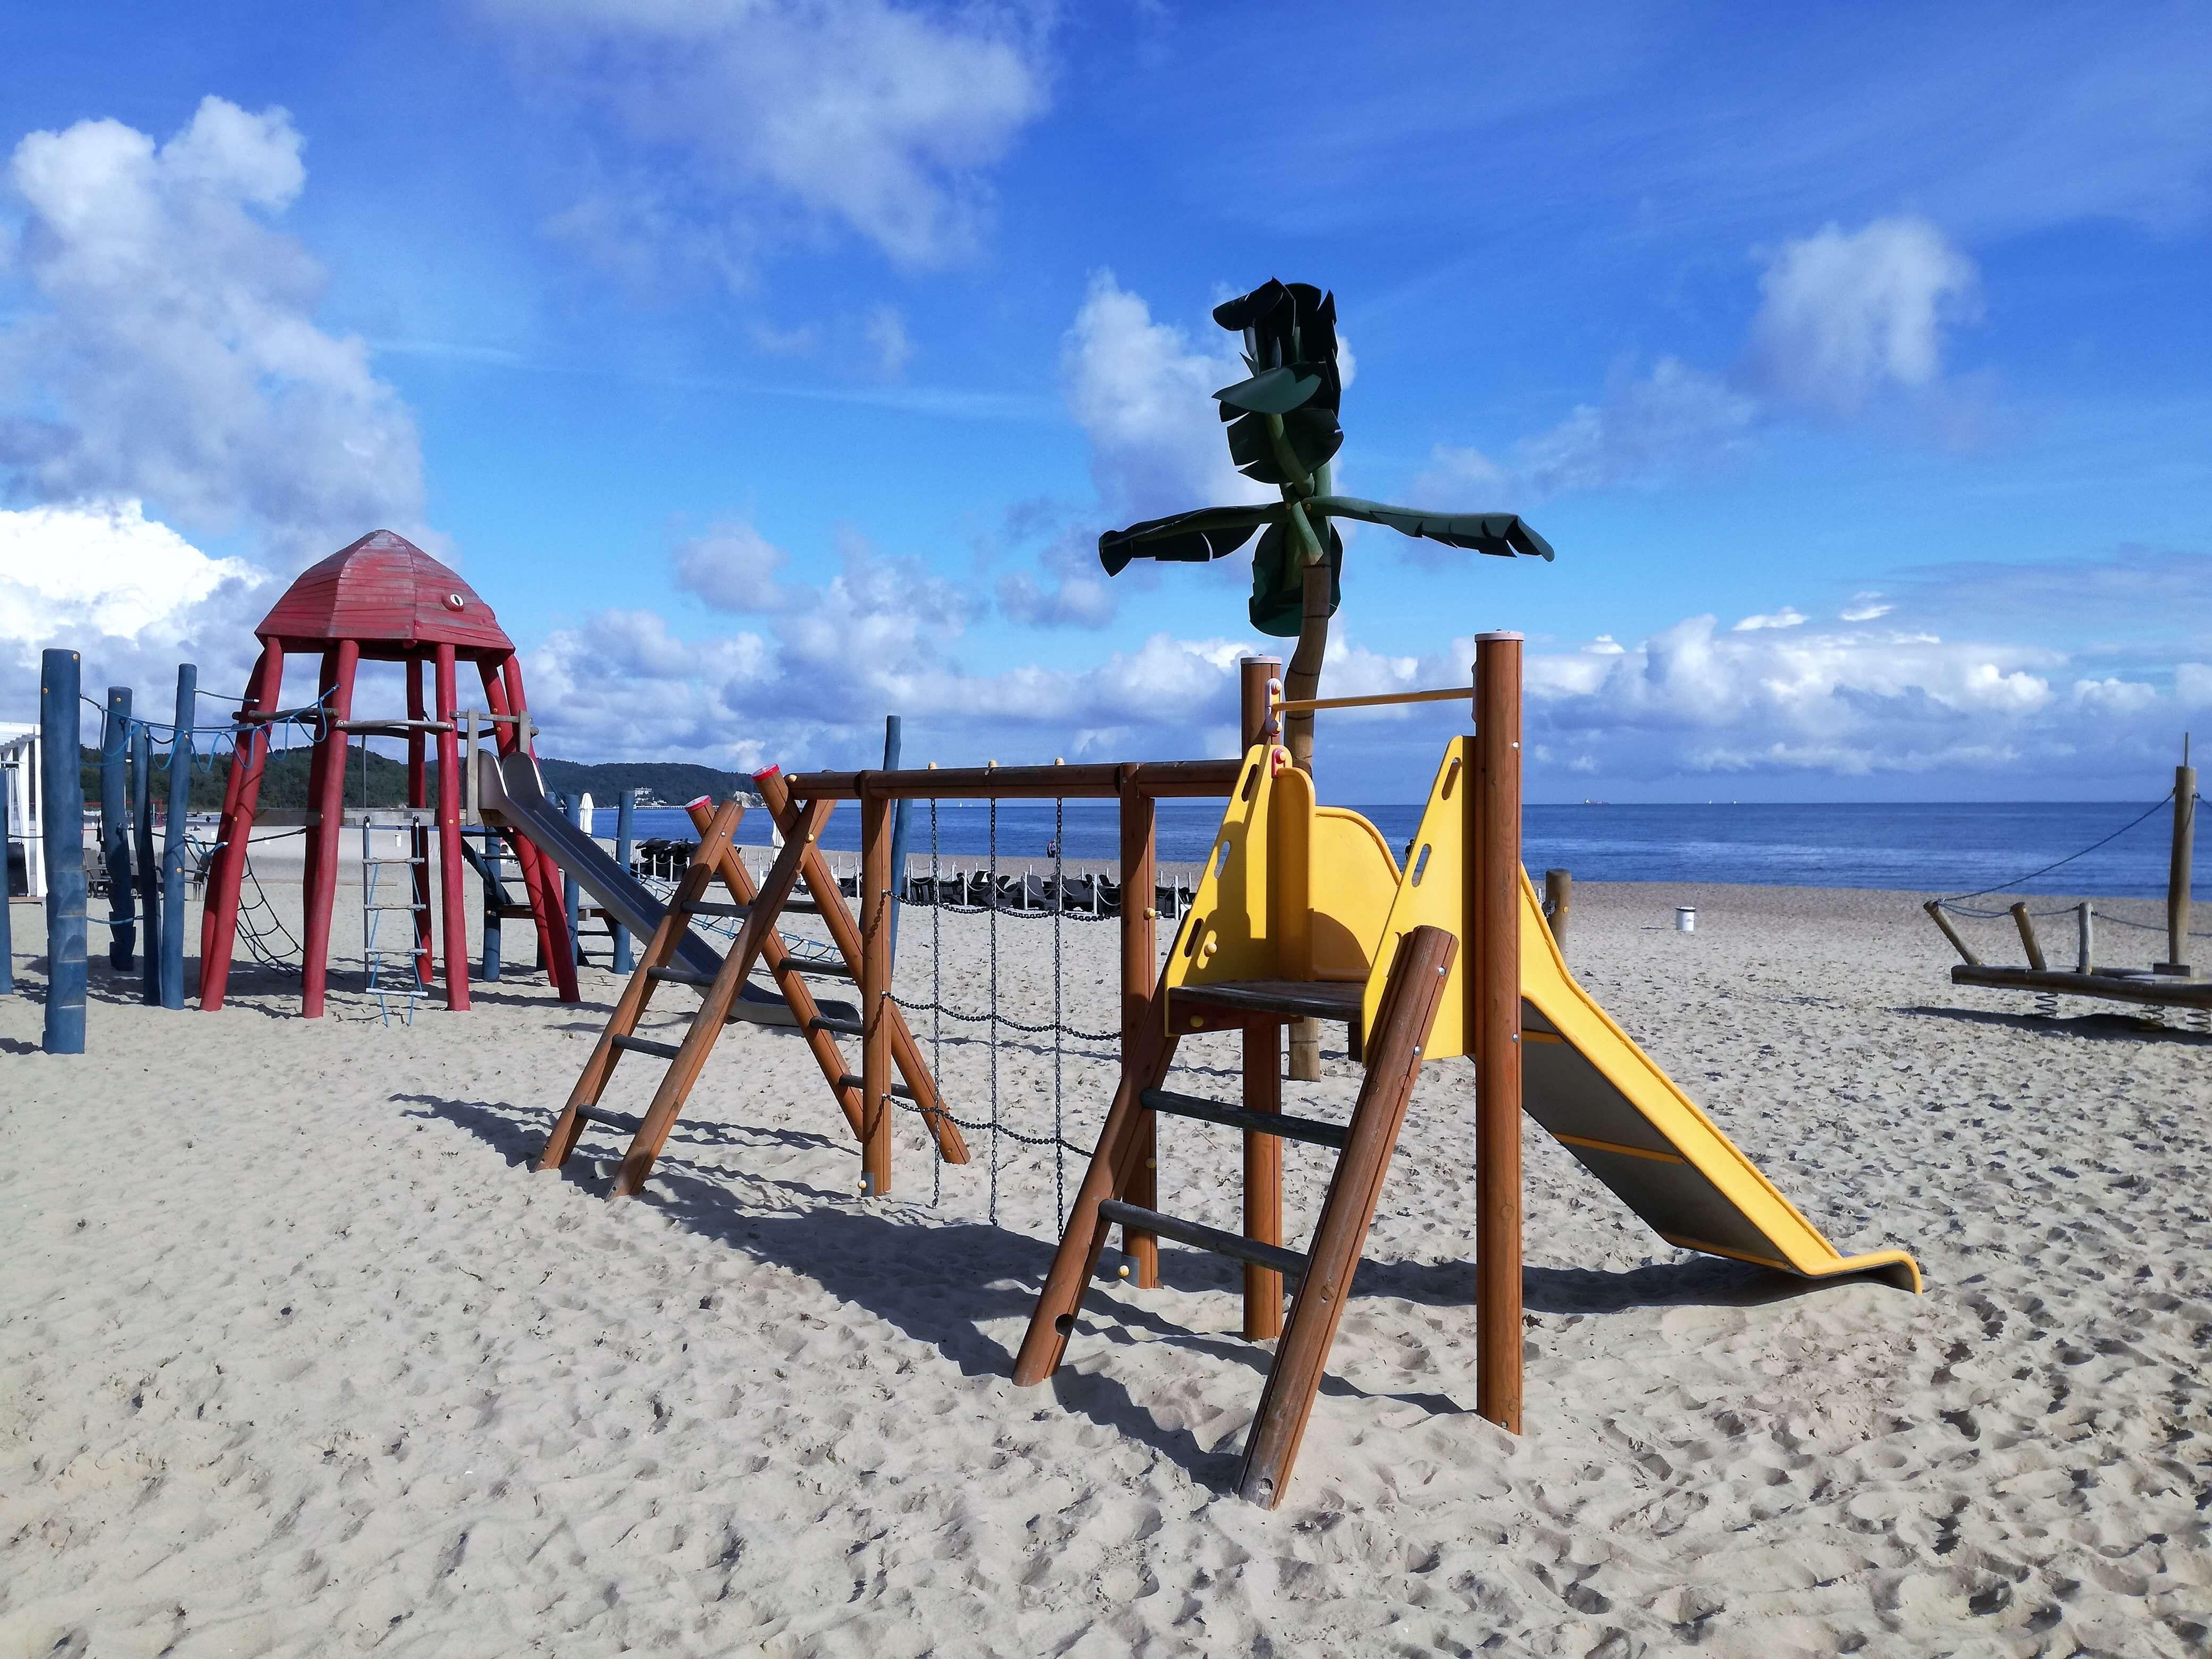 Plac zabaw na plaży Sopot 1_atrakcje dla dzieci Sopot - rodzinnykompas.pl